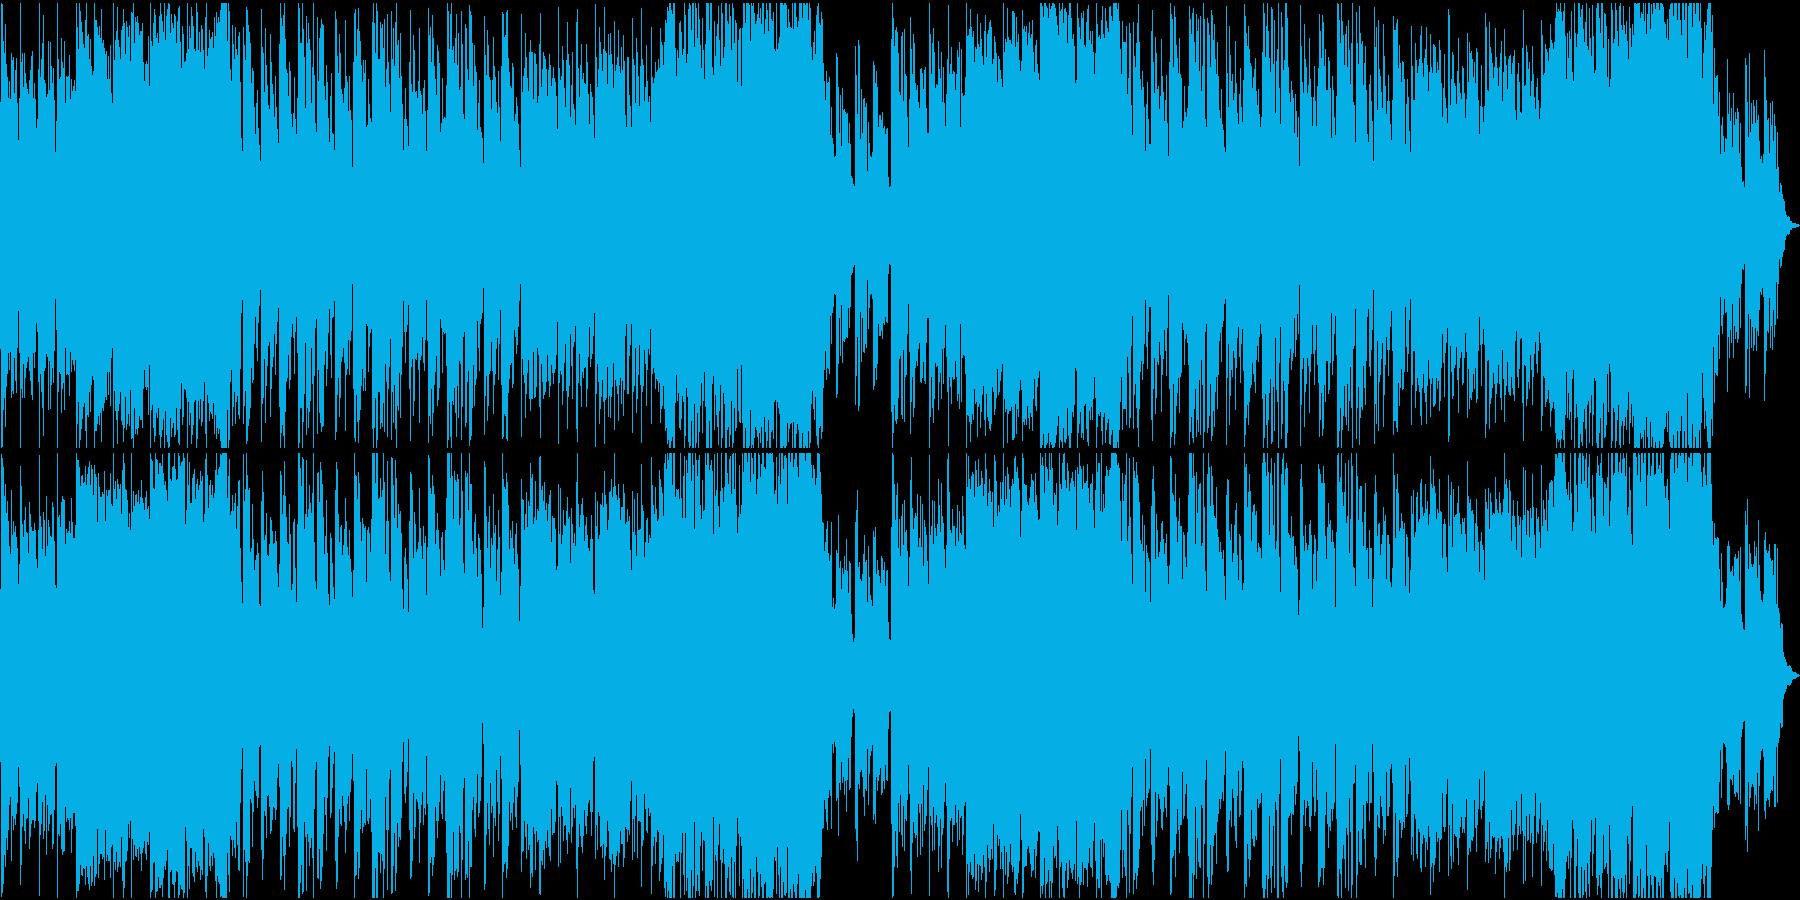 ゲーム/ダークで威圧感のあるオケ曲の再生済みの波形